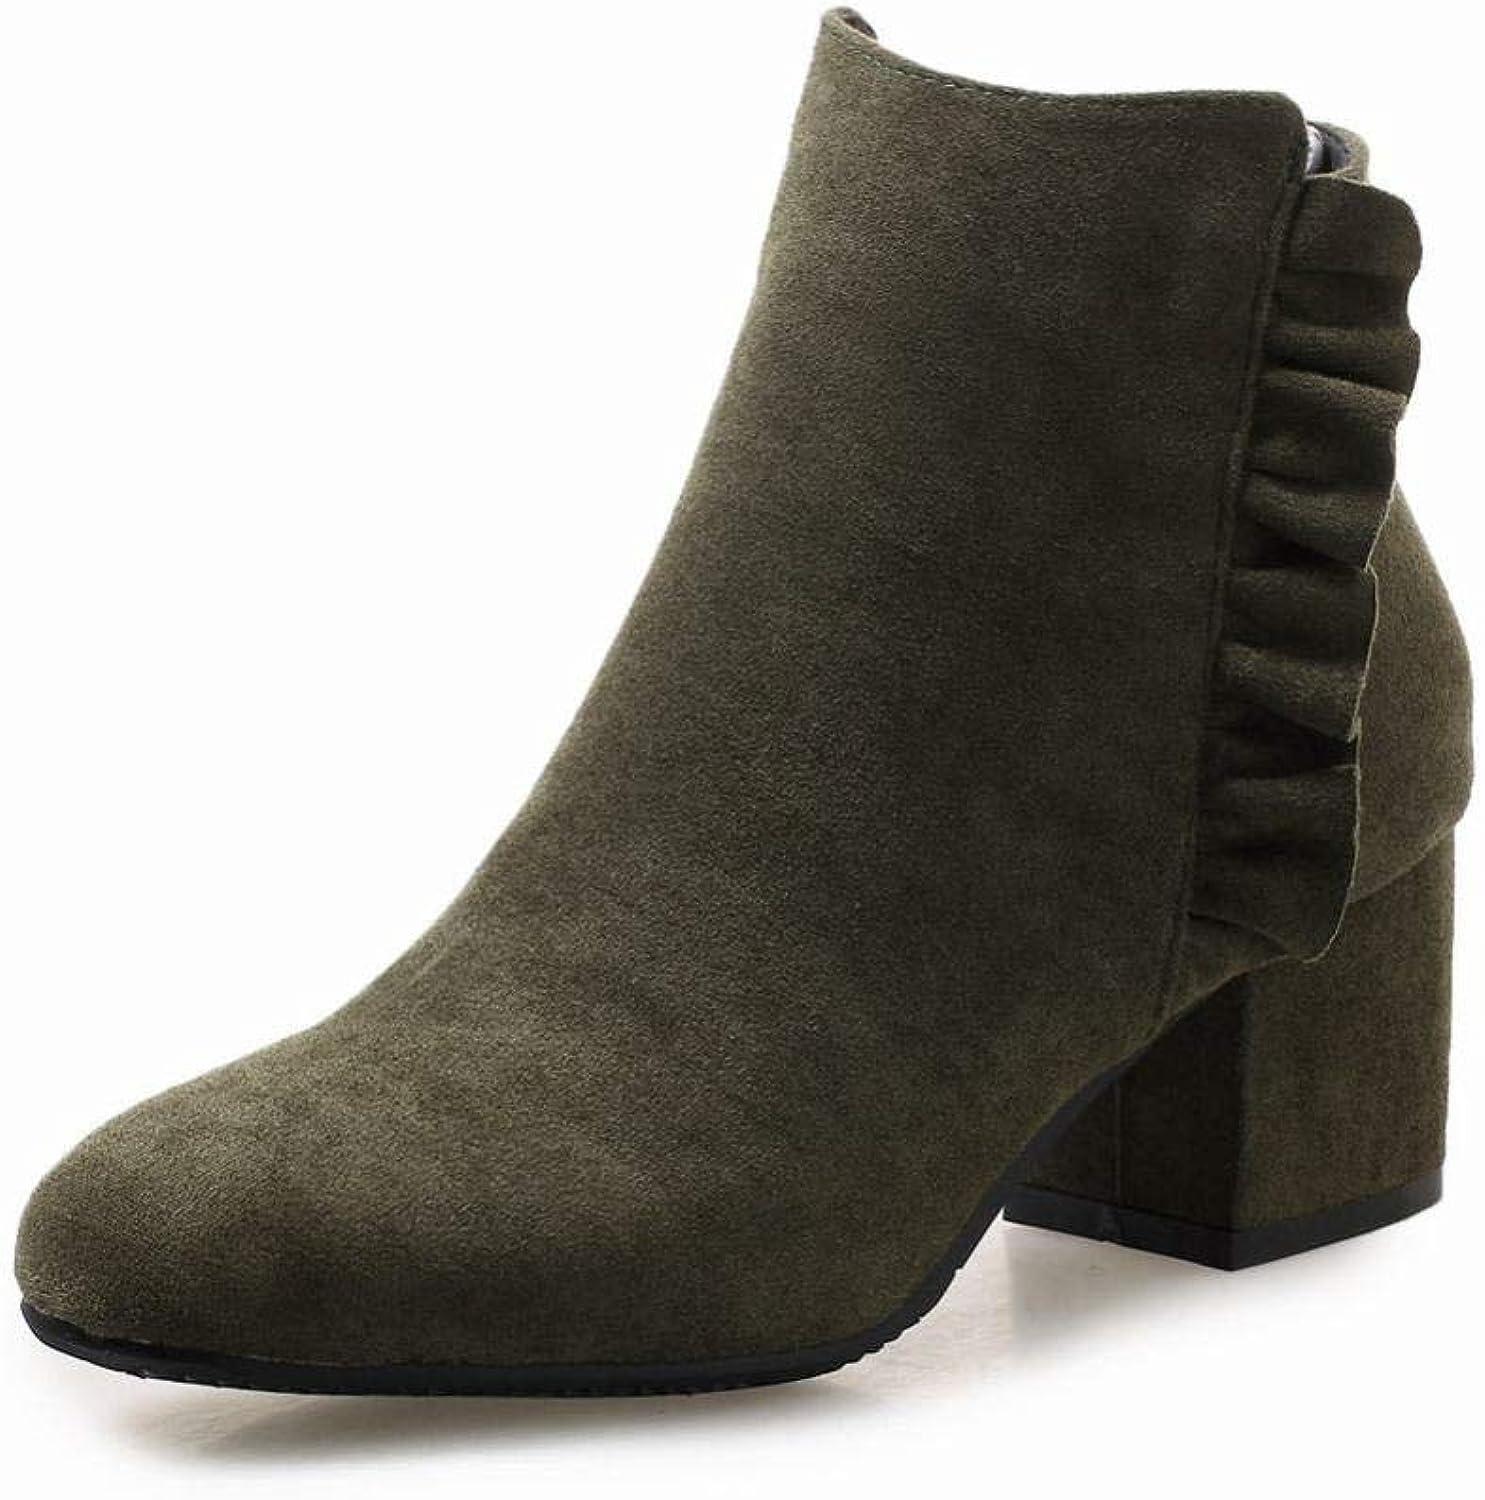 IG Damenstiefel - - - Herbst Und Winter Dick Mit Stiefeln Spitze Stiefel High Heel 5.5Cm Martin Stiefel 34-43,Armeegrün,38  0e2d84